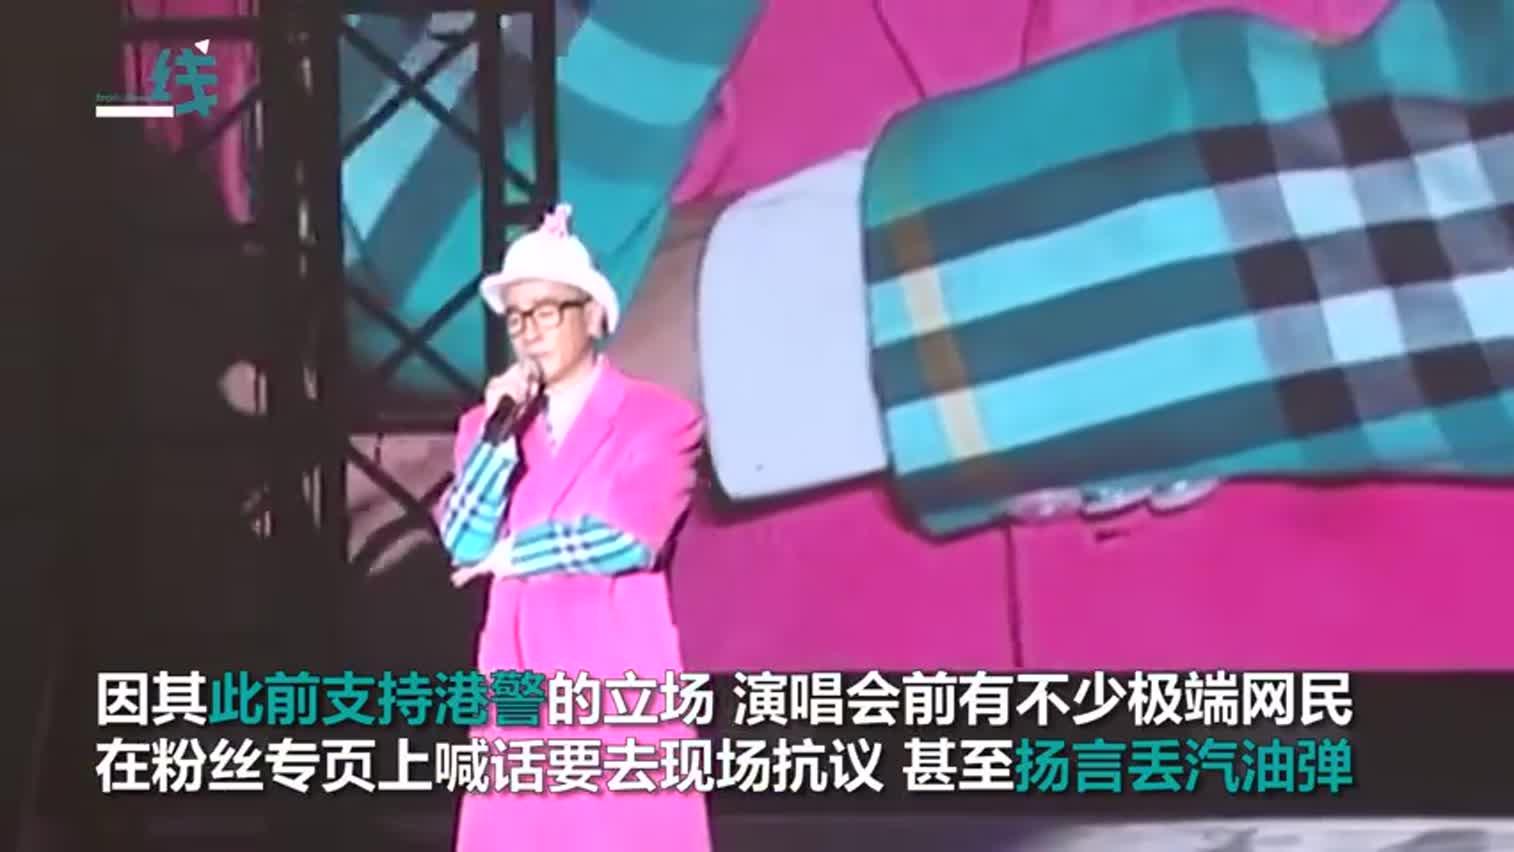 """视频-陈小春力挺港警后 被暴徒""""死亡威胁"""" 叫嚣"""